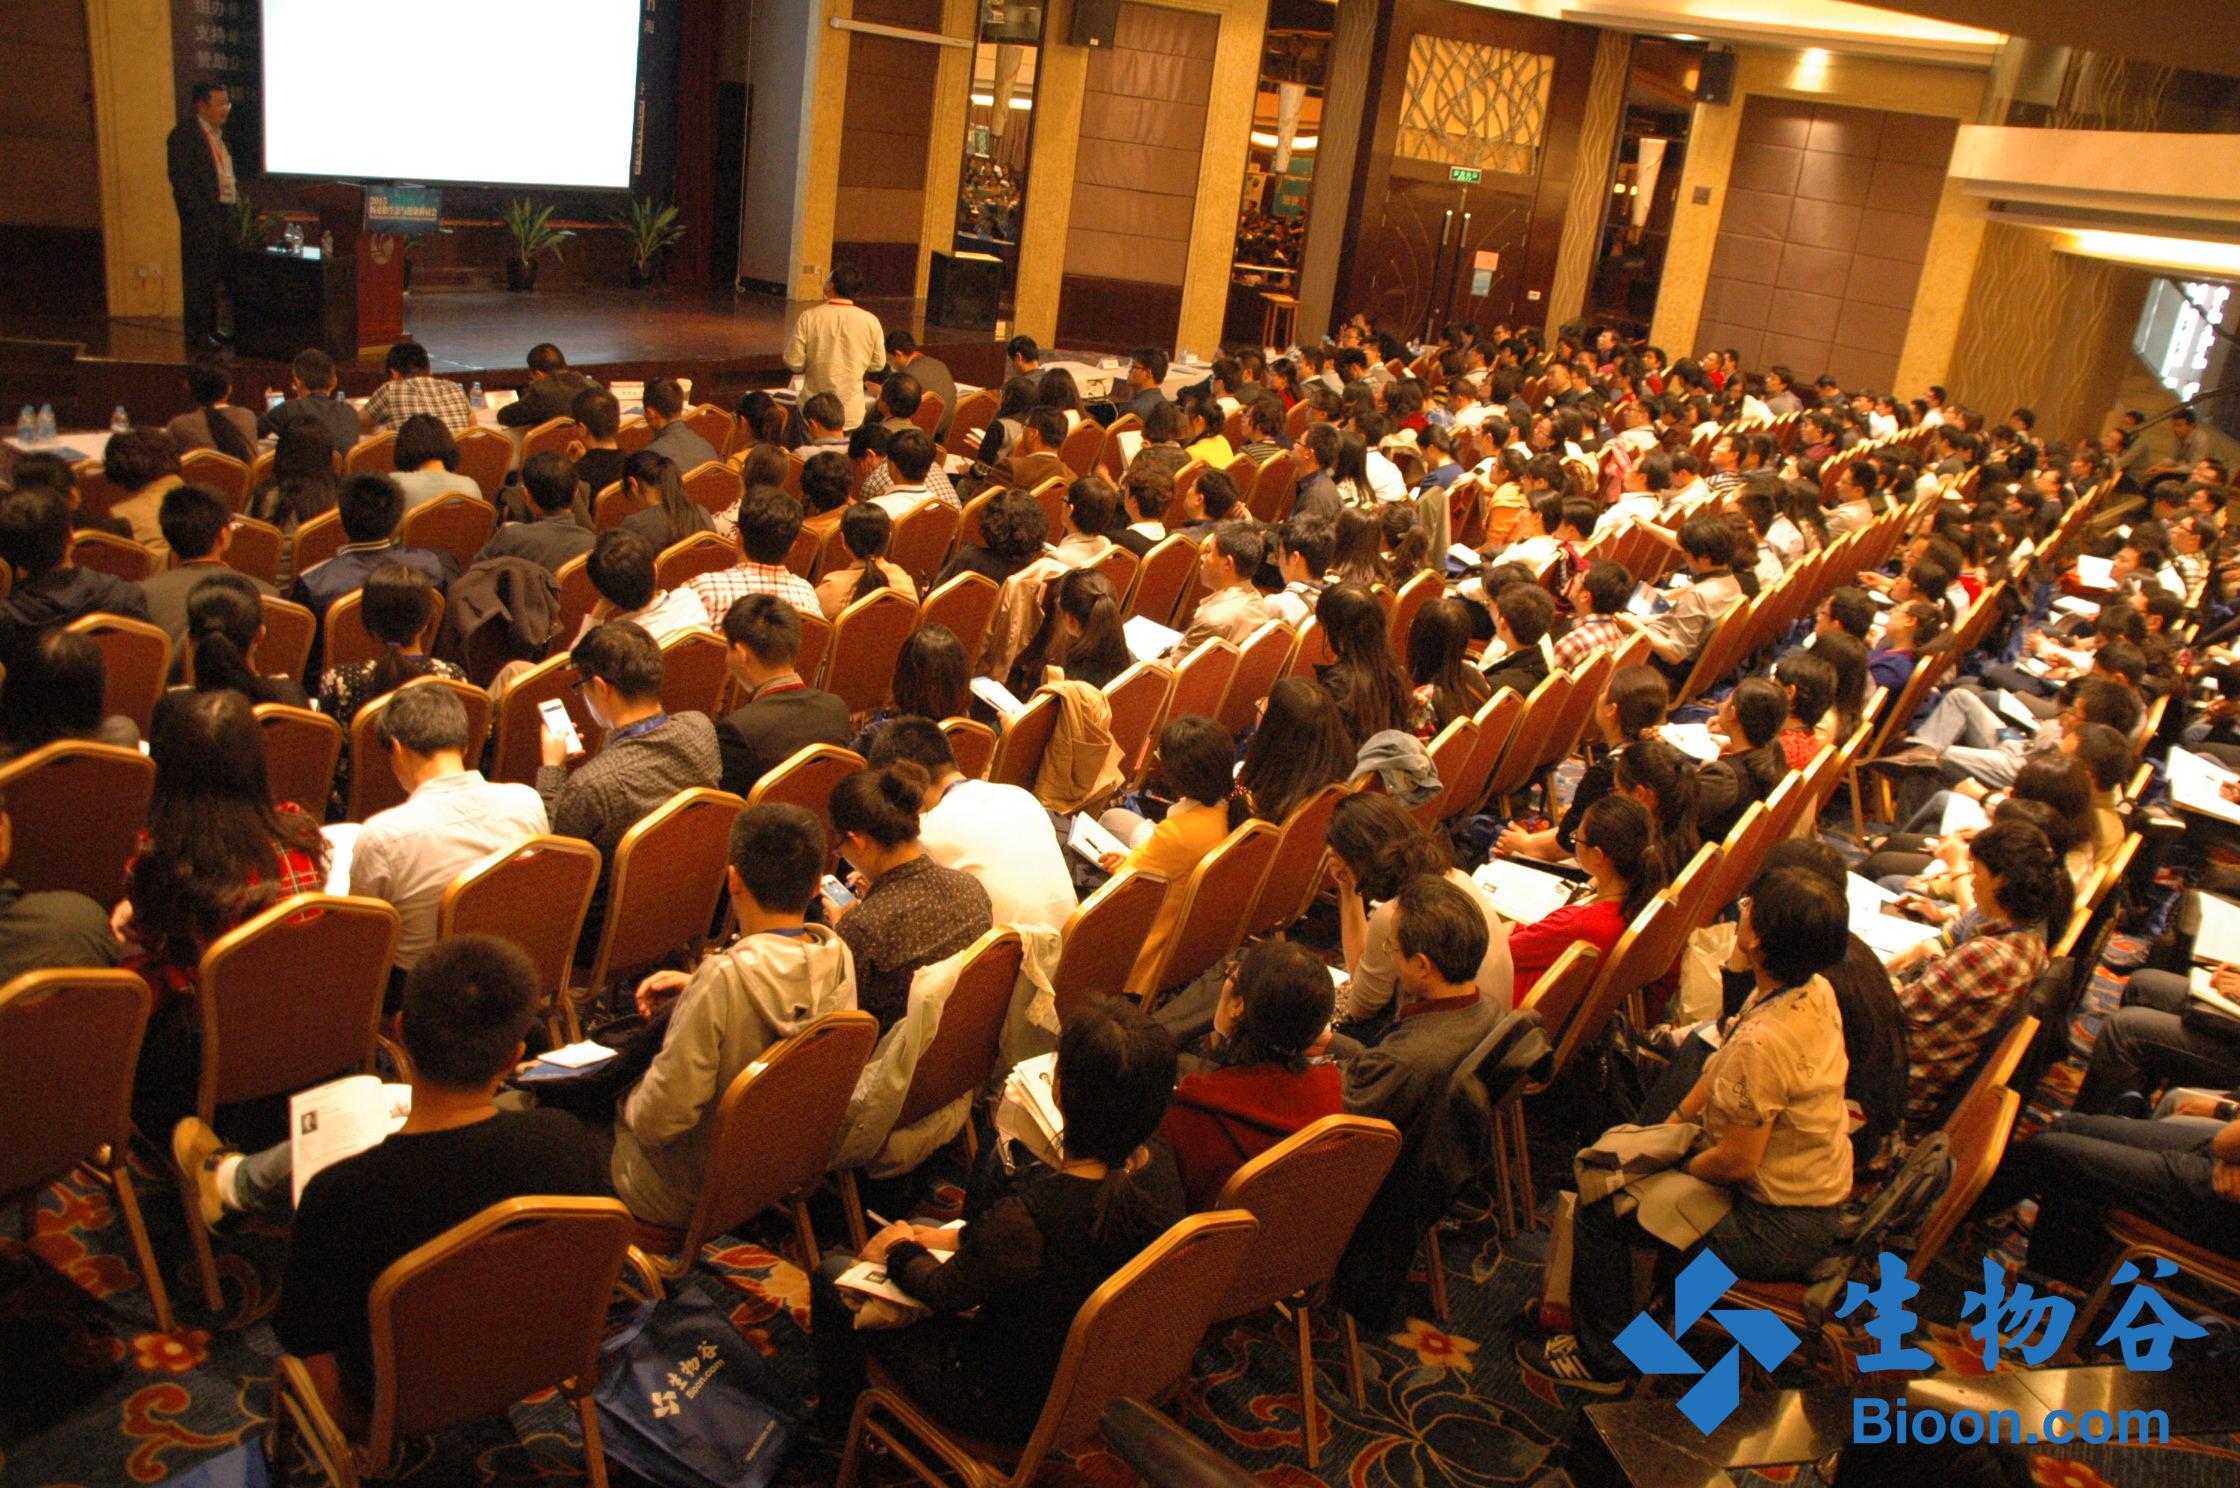 2016(第二届)医用3D打印高峰论坛在常州隆重开幕